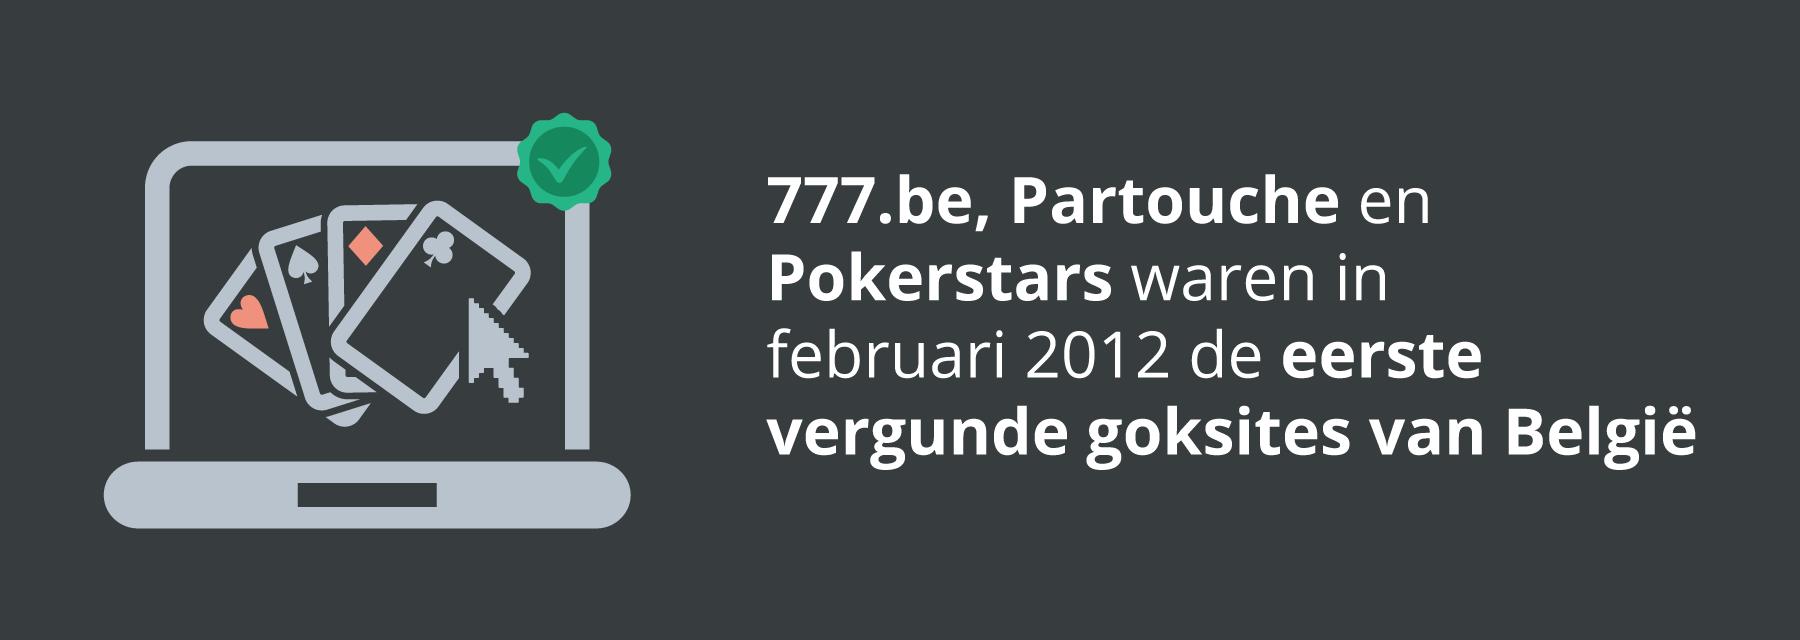 De eerste legale goksites van België